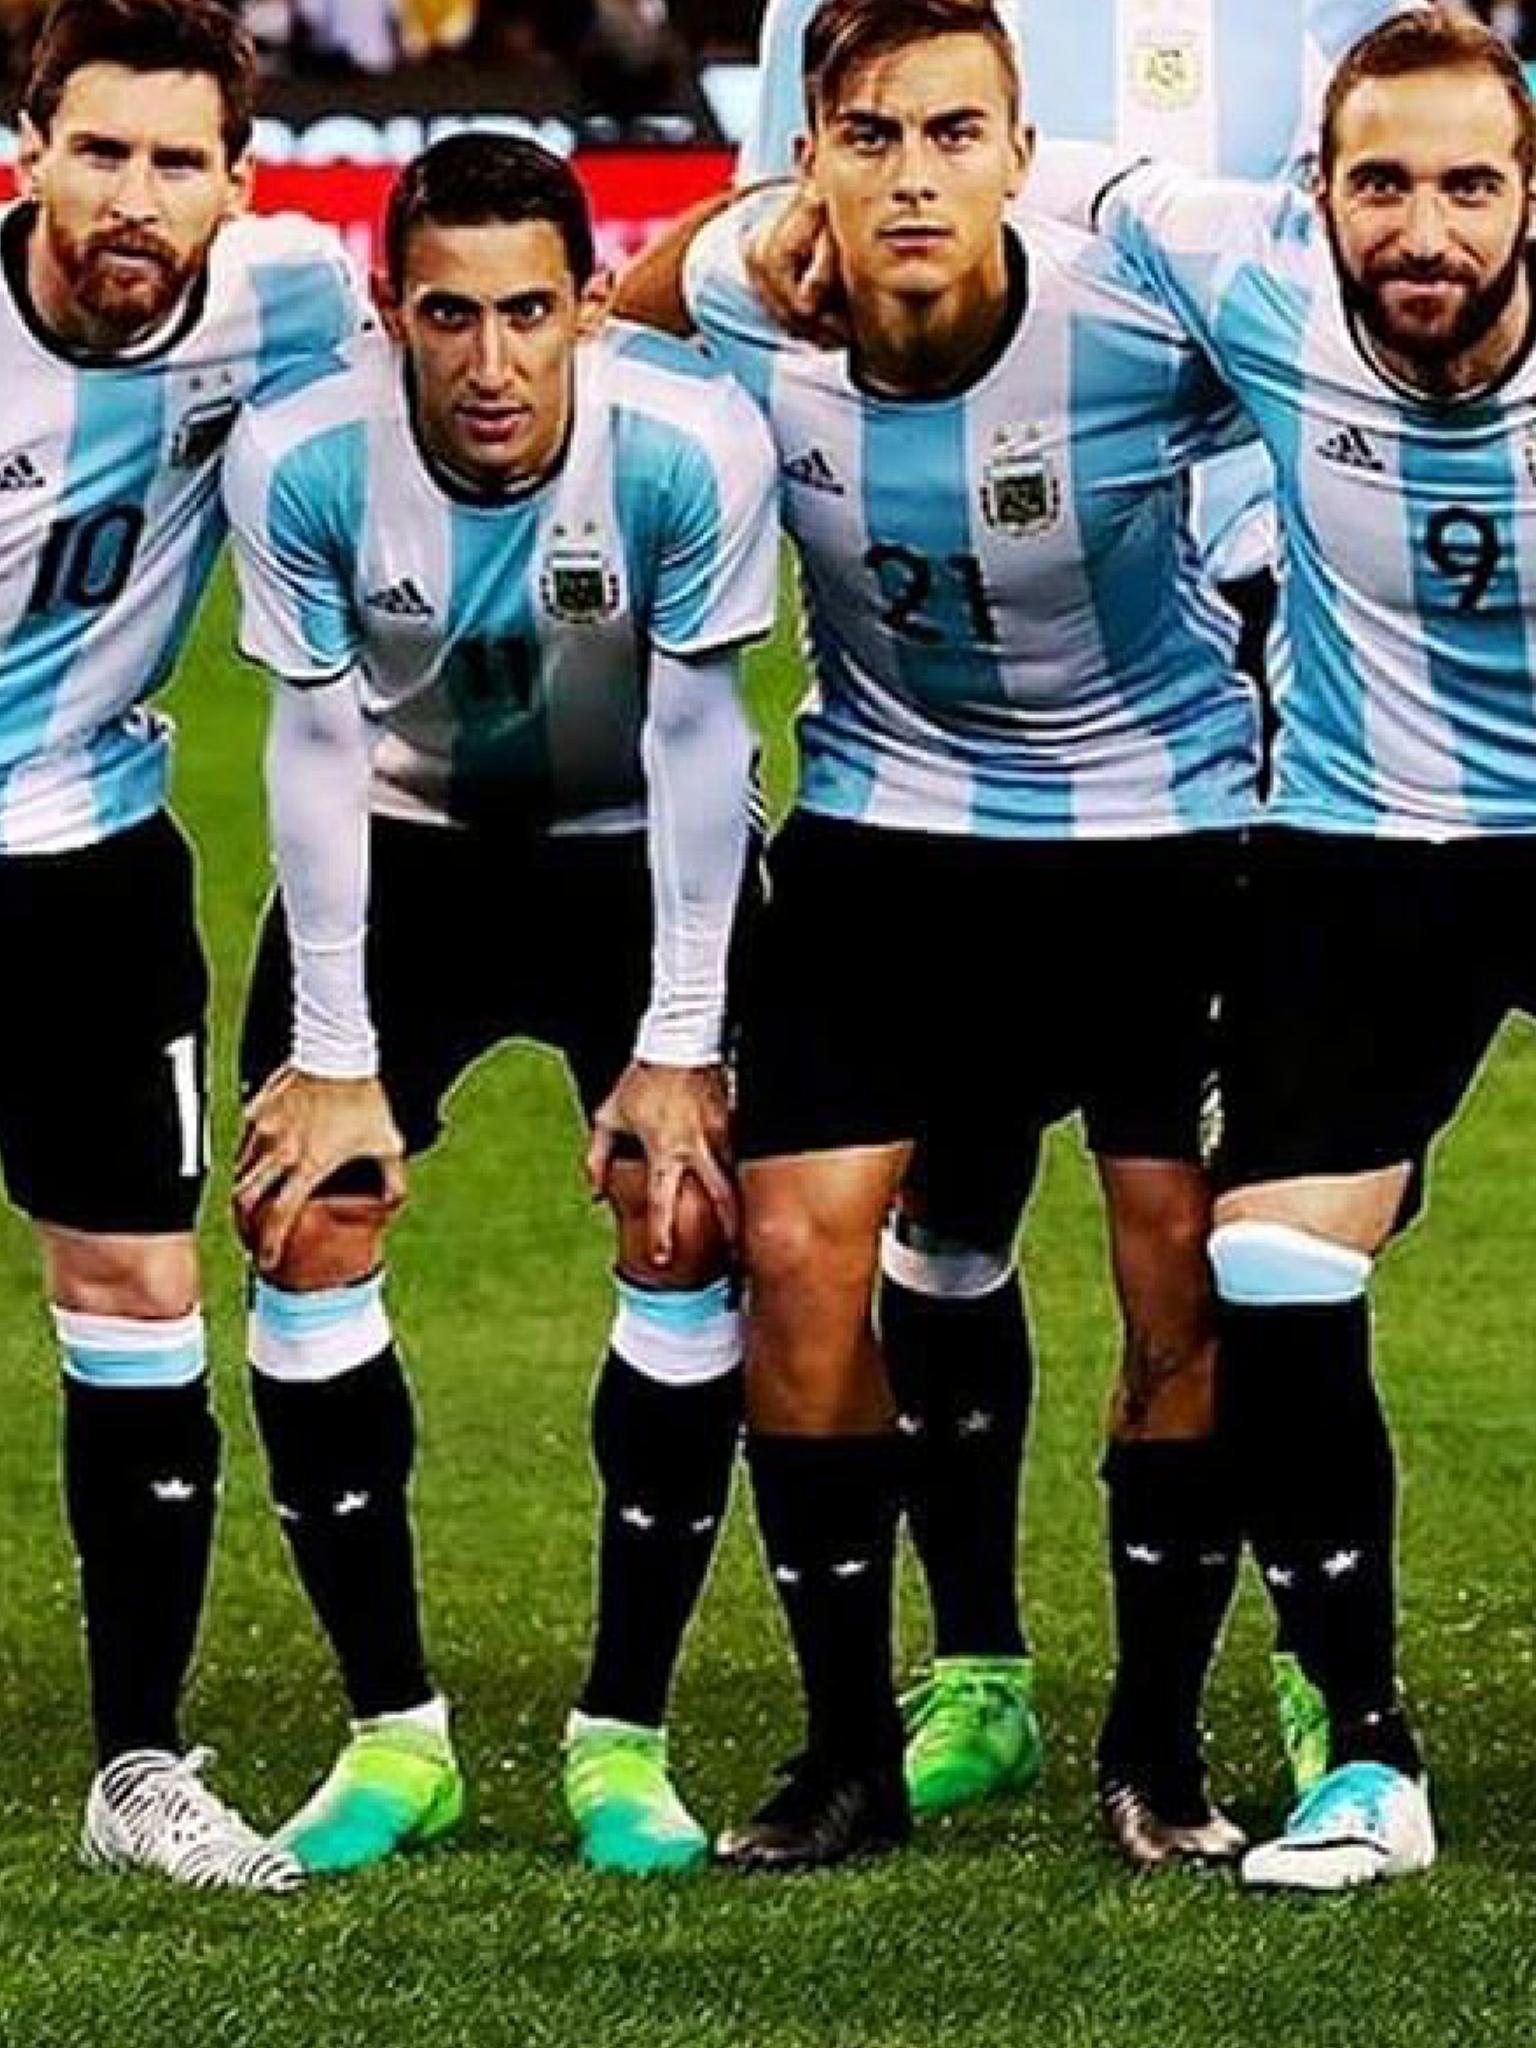 Messi, Di Maria, Dybala & Higuain